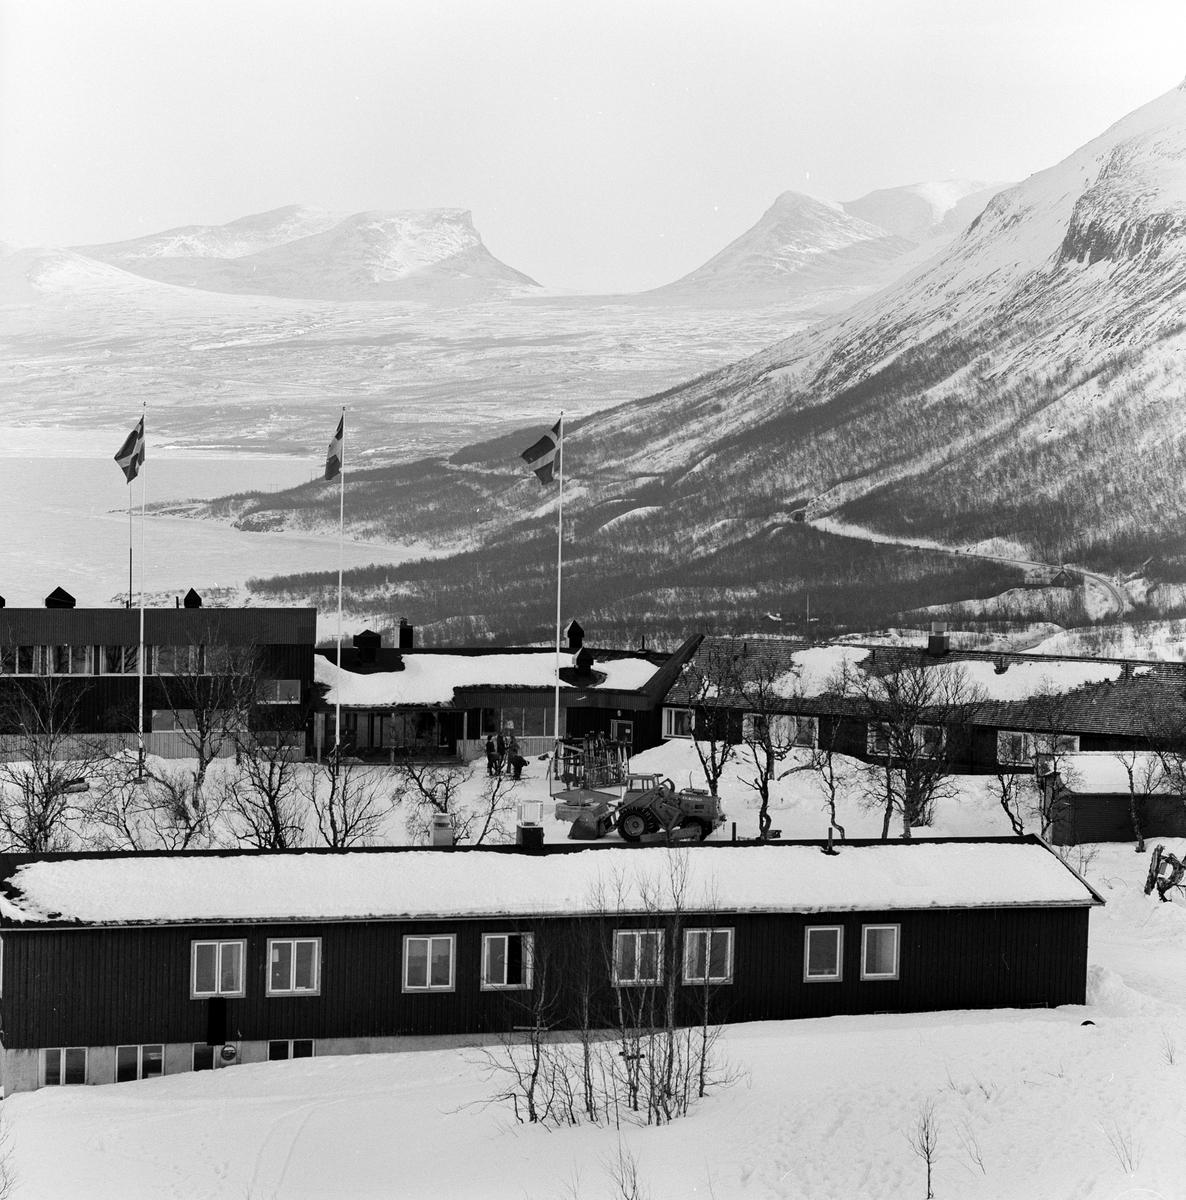 Fjället, stugbyn, slalombacken Björkliden. Hotell Fjället och stugbyn i Björkliden.